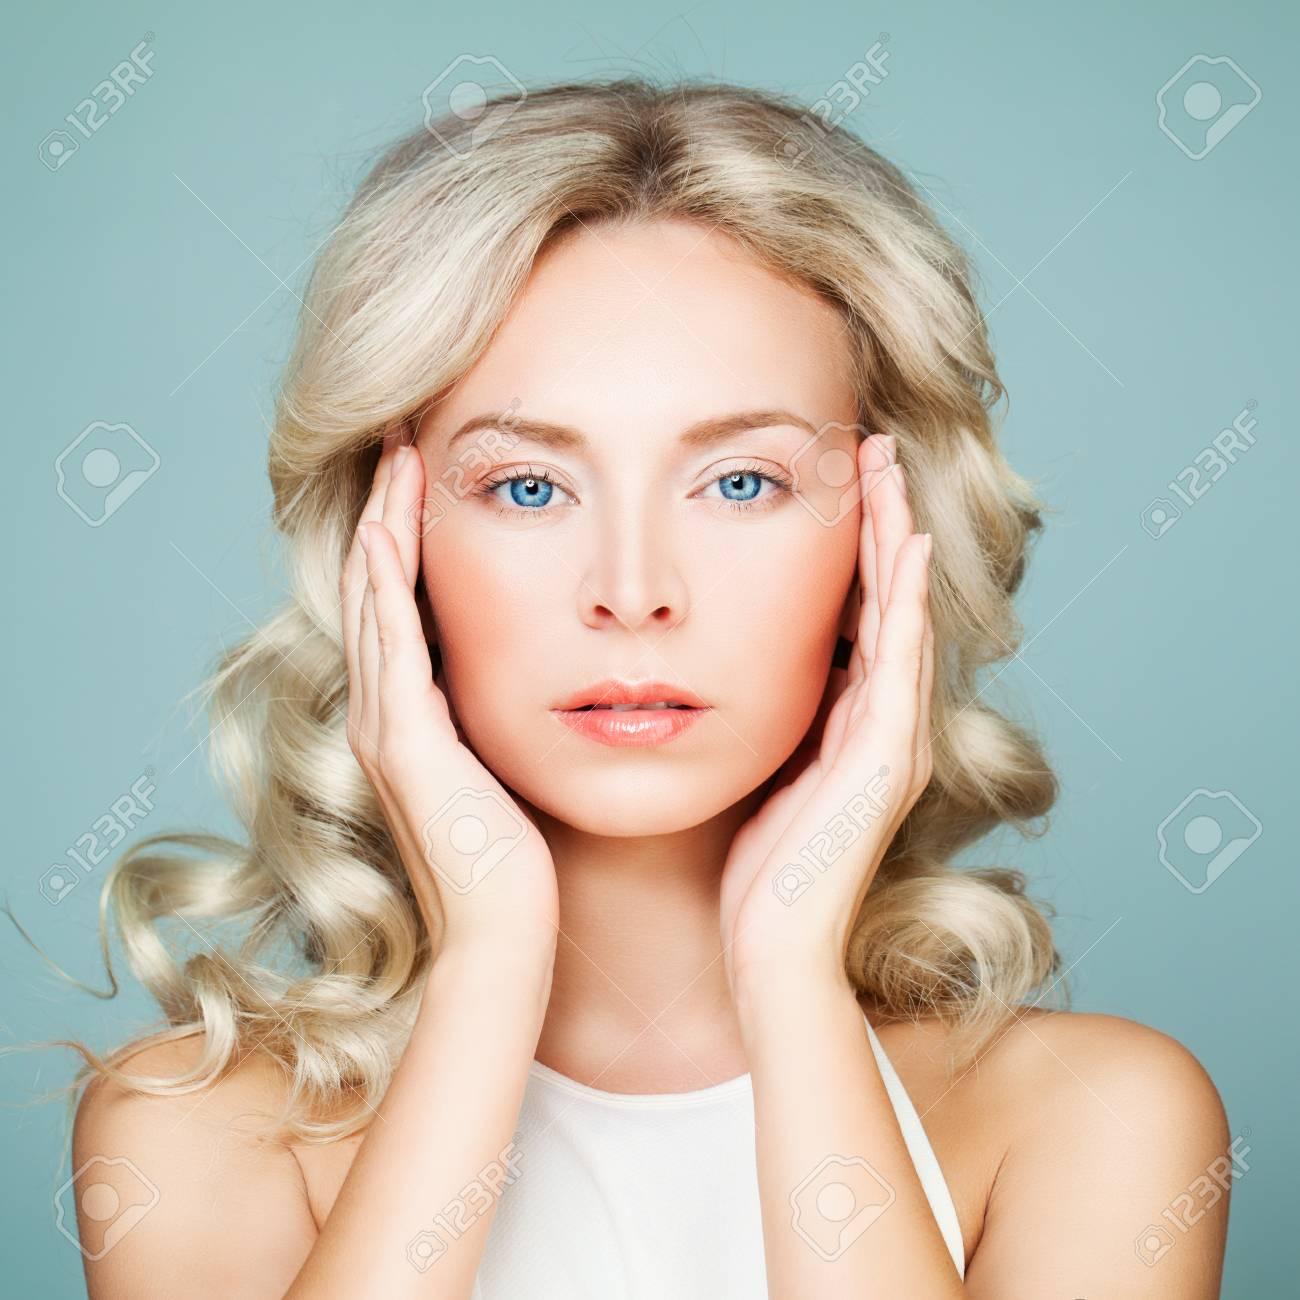 Schönheitsporträt Der Schönen Frau Blonde Frisur Und Perfektes